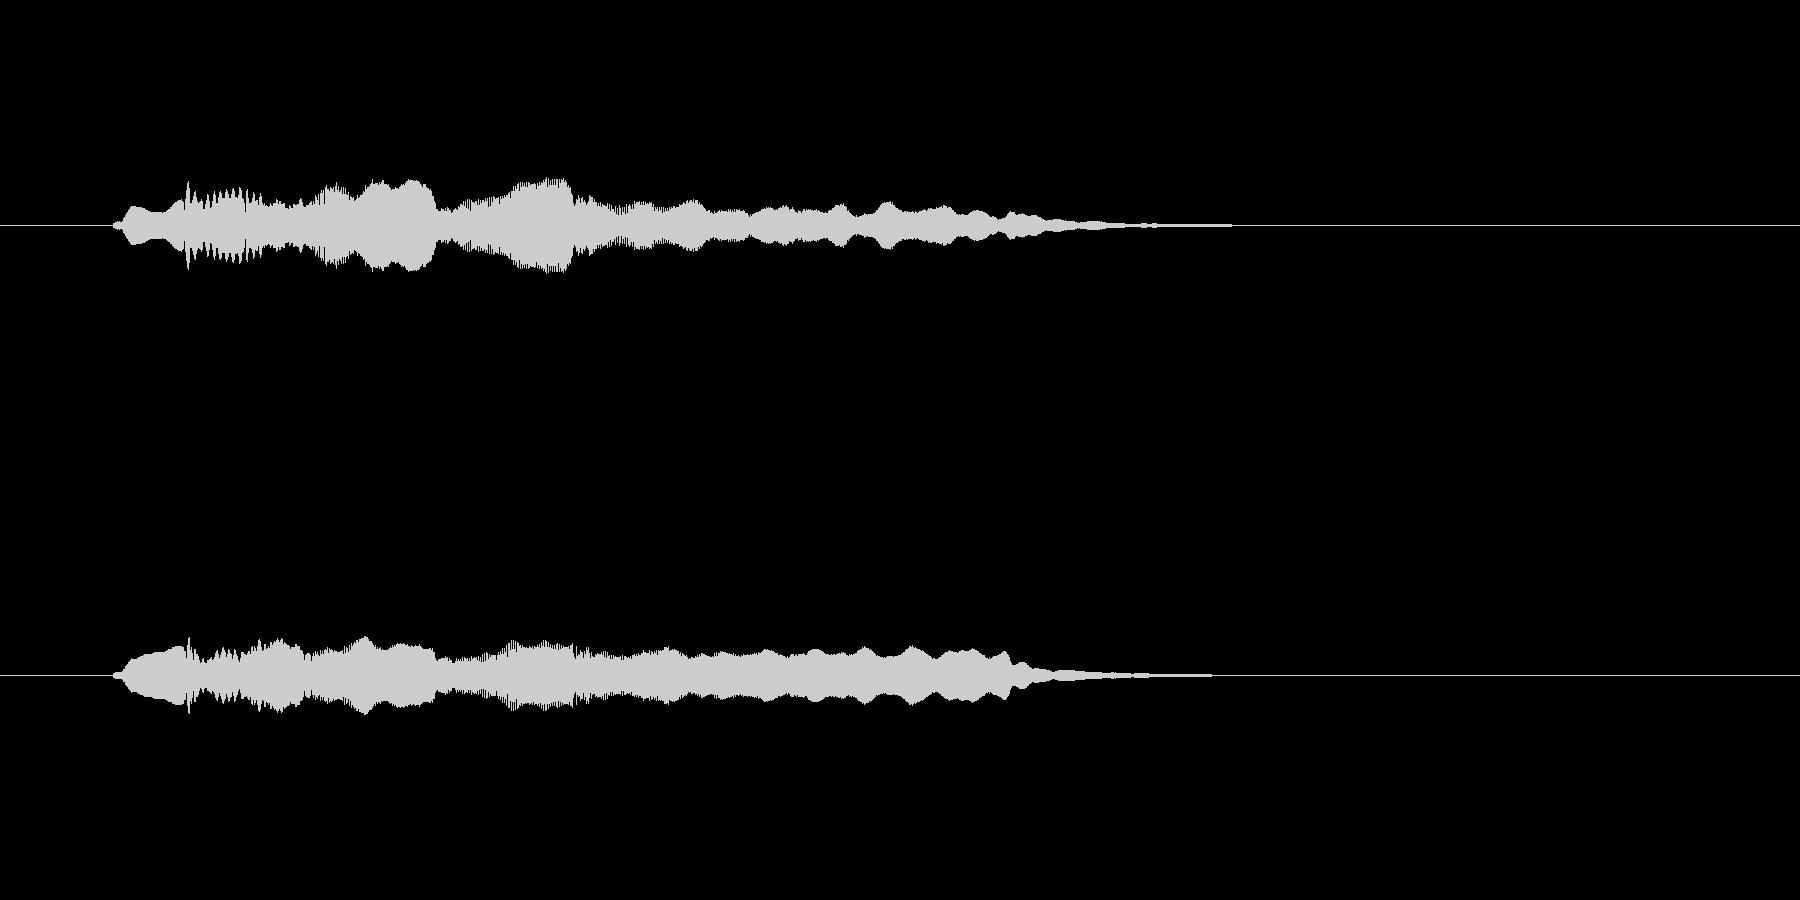 フルートの透明感のあるメロディーの未再生の波形